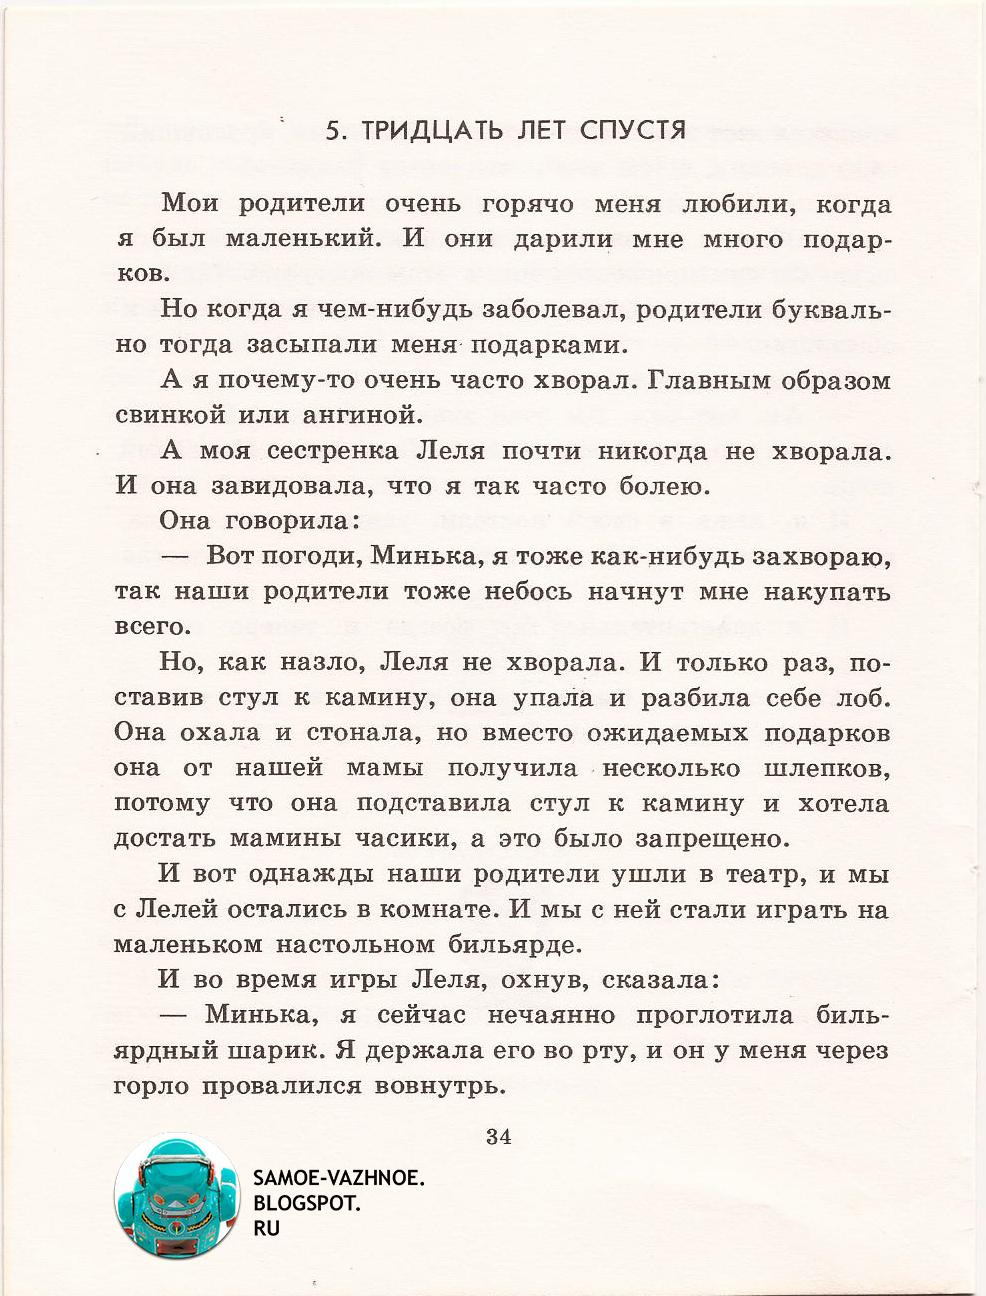 Немецкий читаем русскими буквами